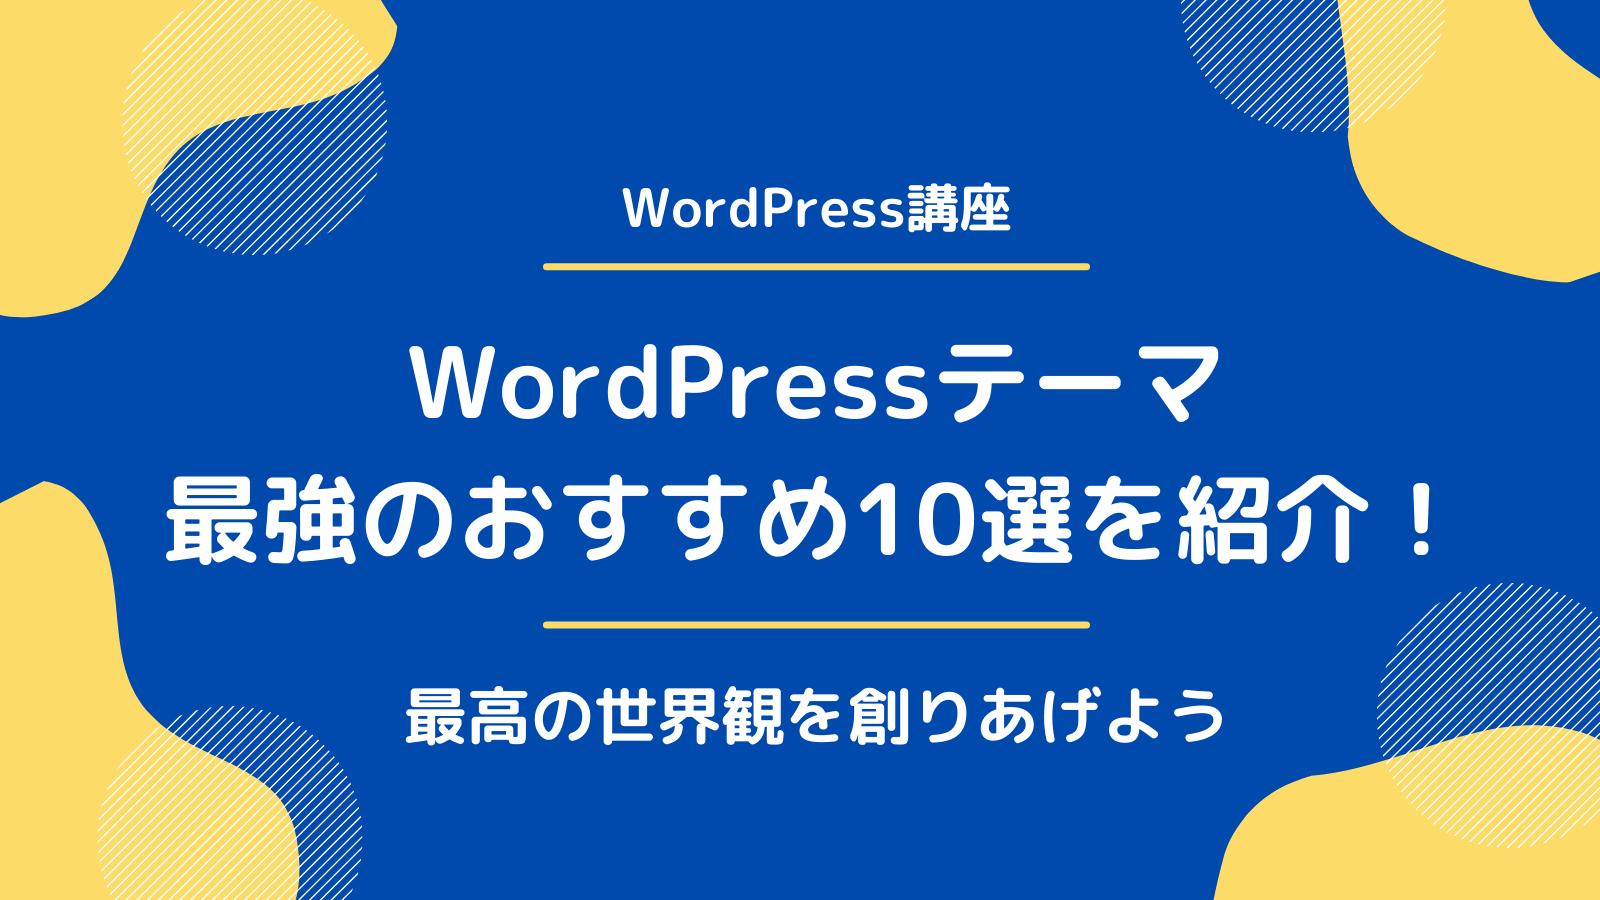 【2021年】最強のおすすめWordPressテーマランキング TOP10